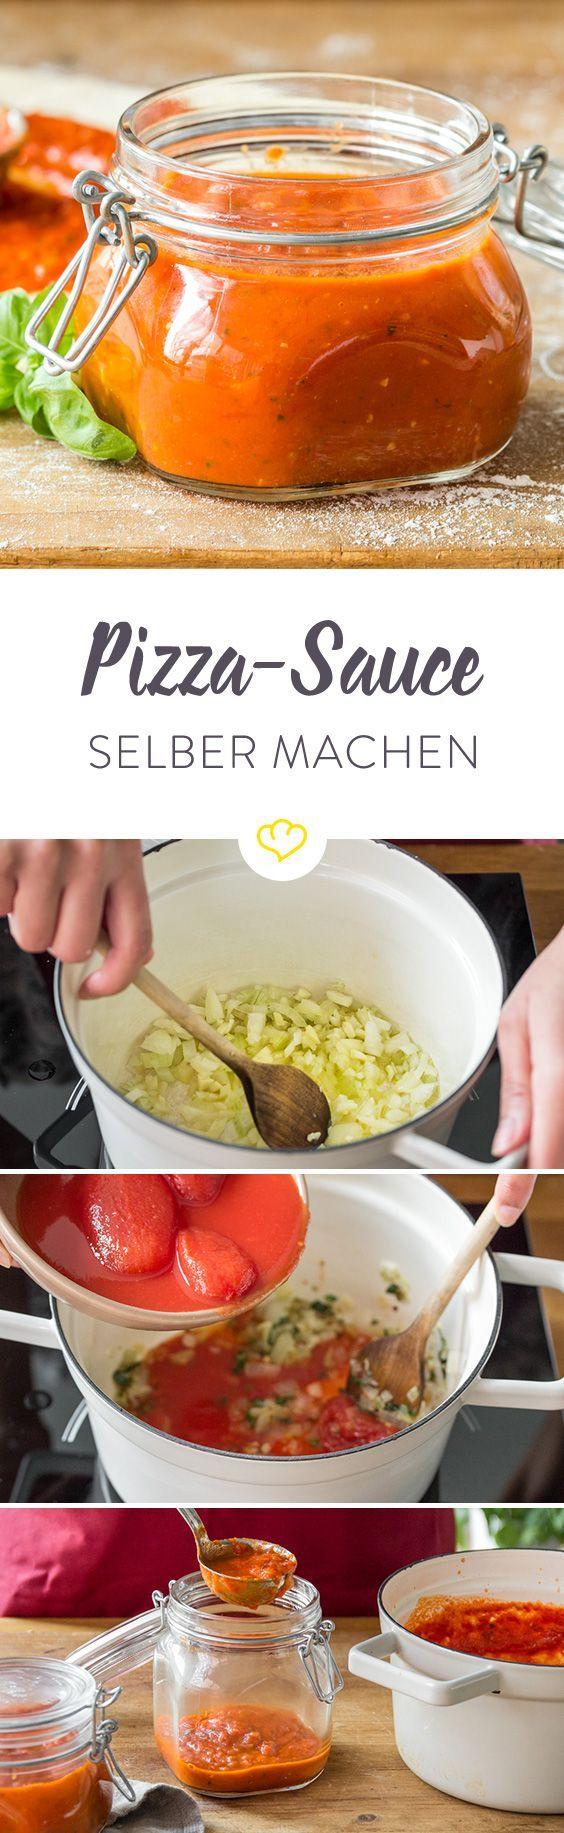 Pizzasauce aus dem Supermarkt? Das geht besser! Hier findest du alles, was du über klassische Pizzasauce wie aus der Lieblingspizzeria wissen musst.